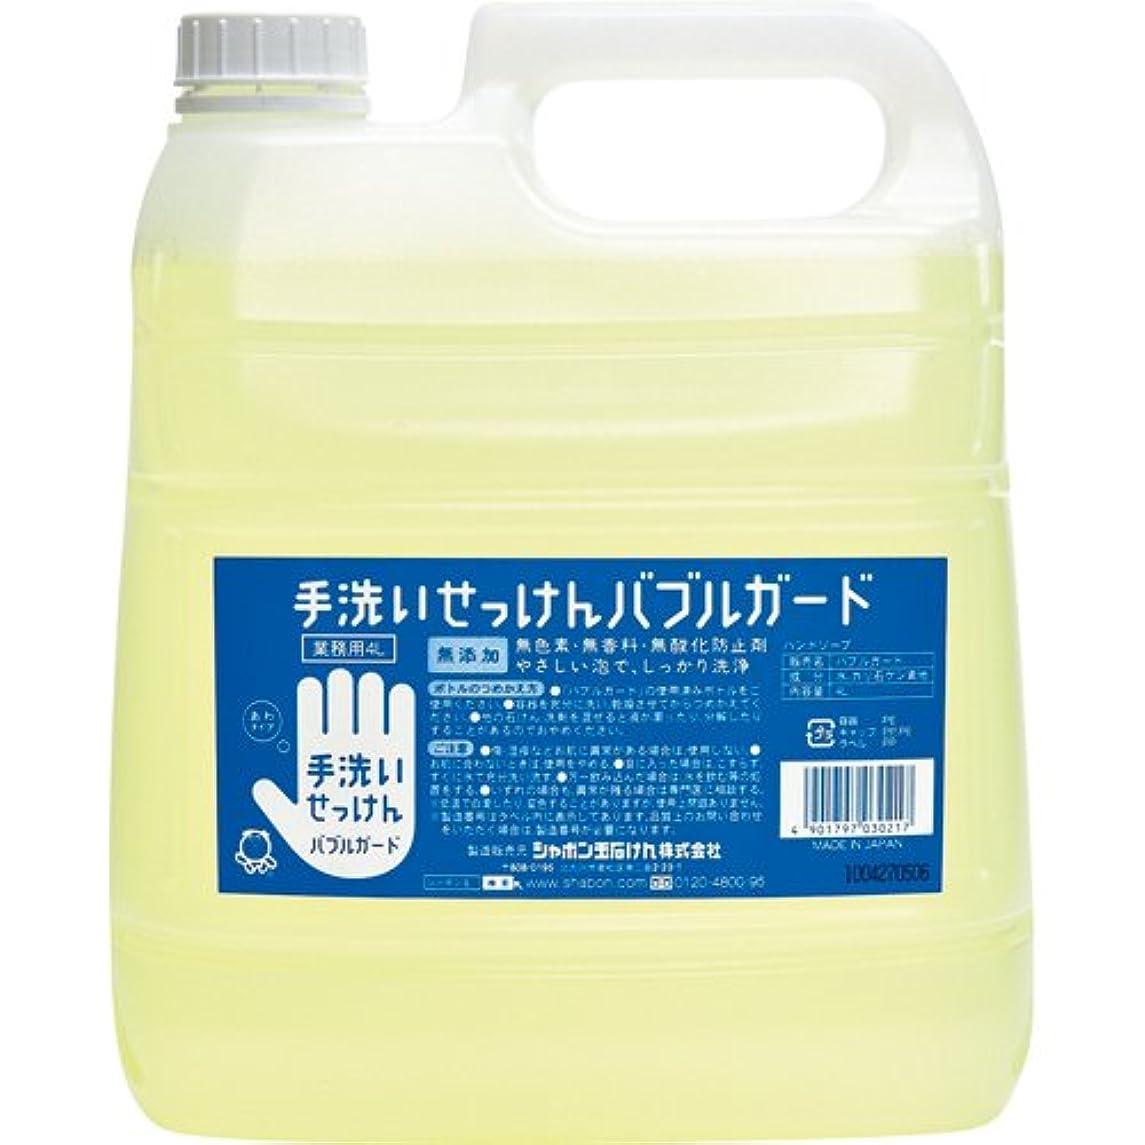 適応的ラフ睡眠丈夫[シャボン玉石けん 1692542] (ケア商品)手洗いせっけん バブルガード 泡タイプ 業務用 4L